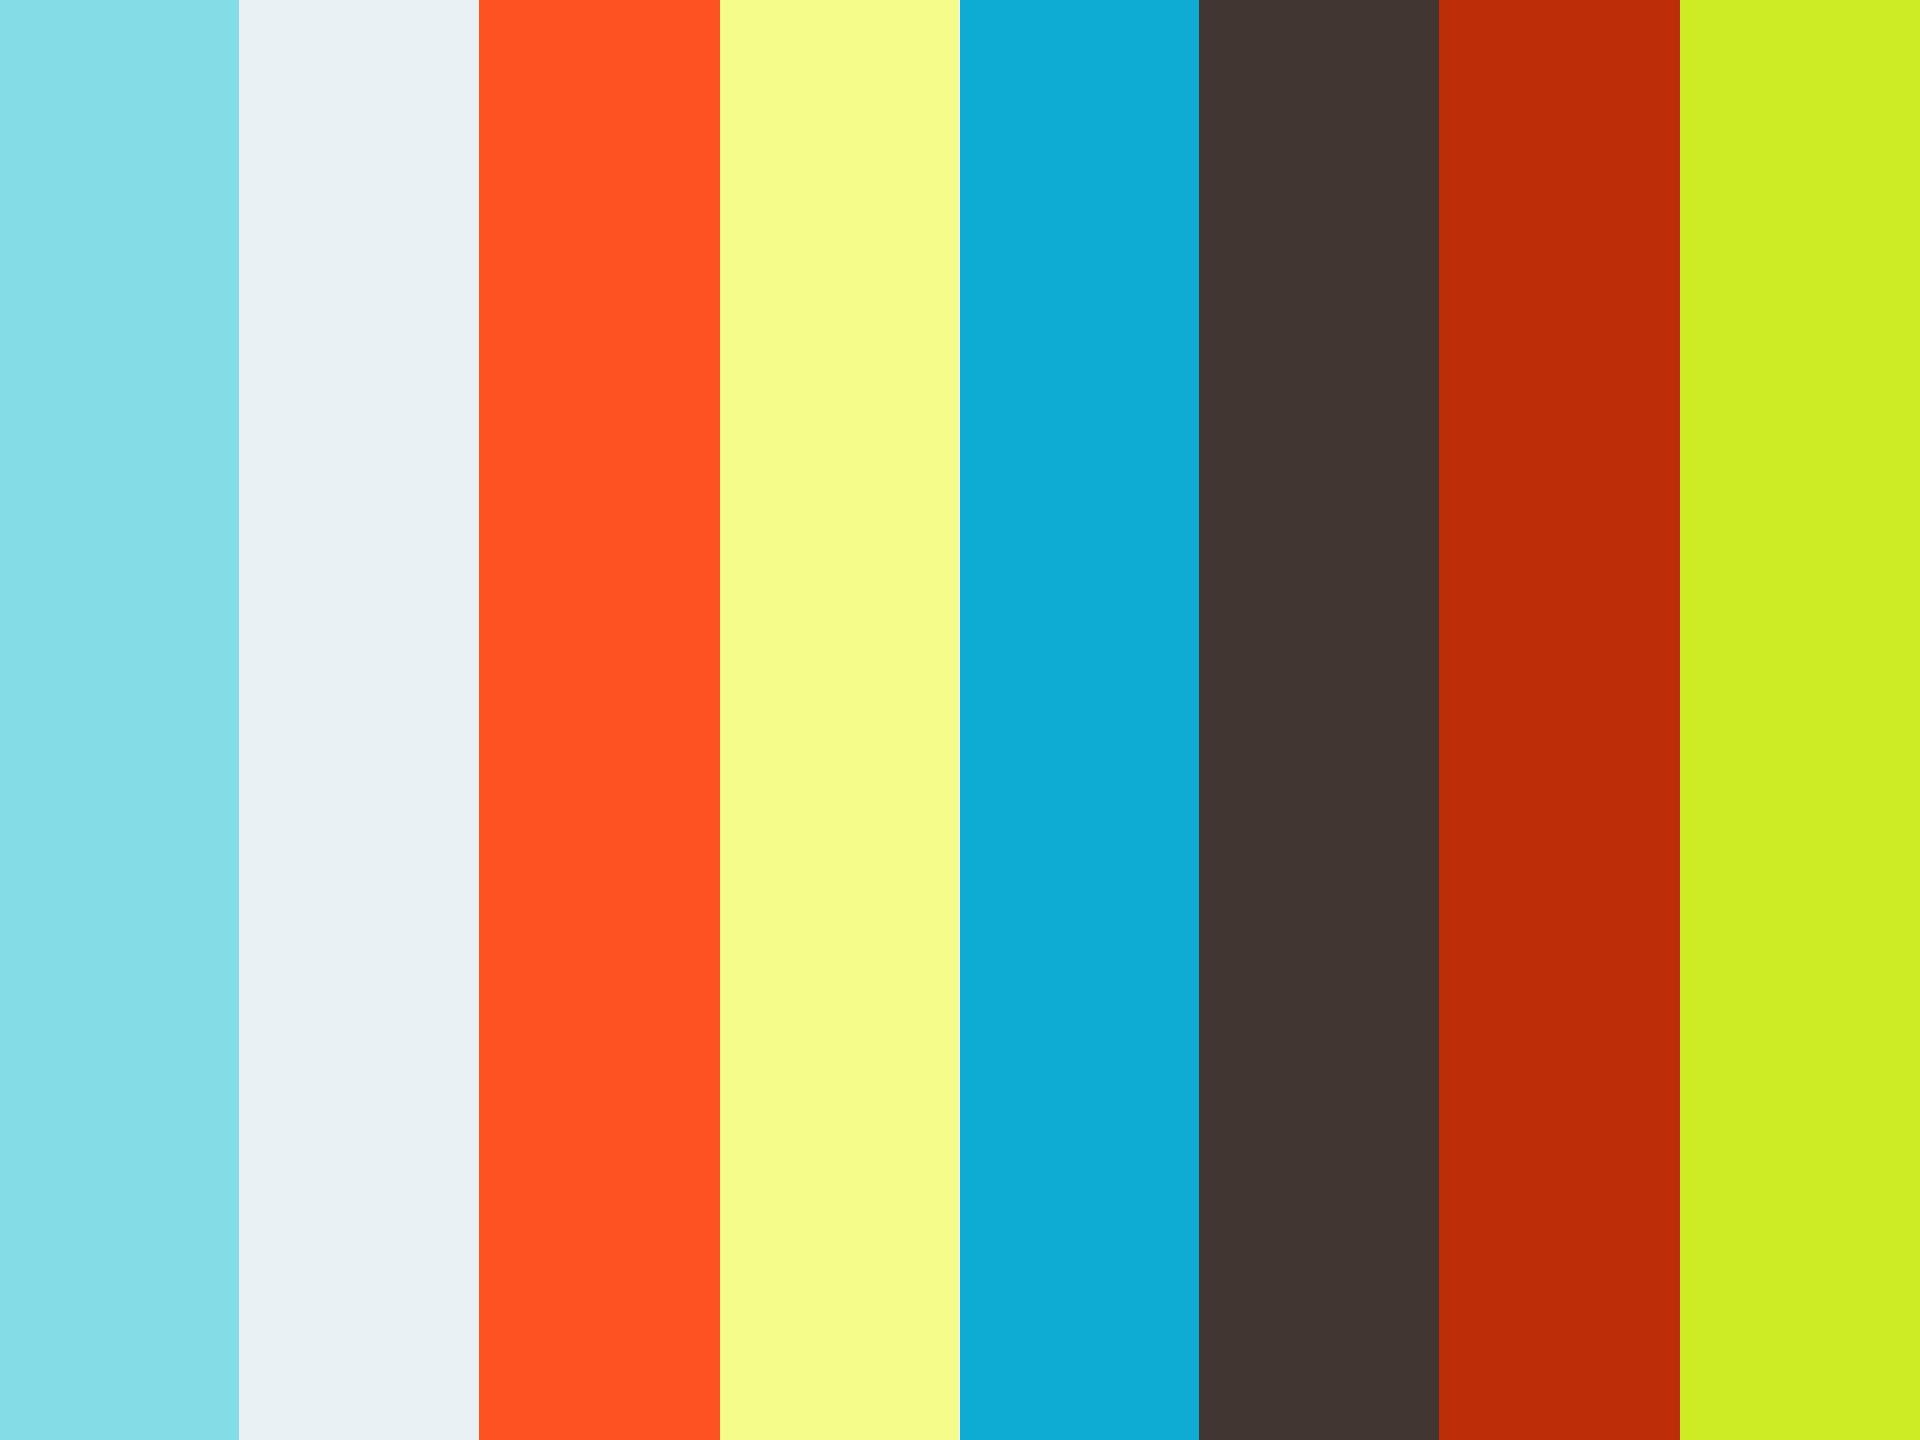 DODGE CHARGER SRT - GREY - 2015